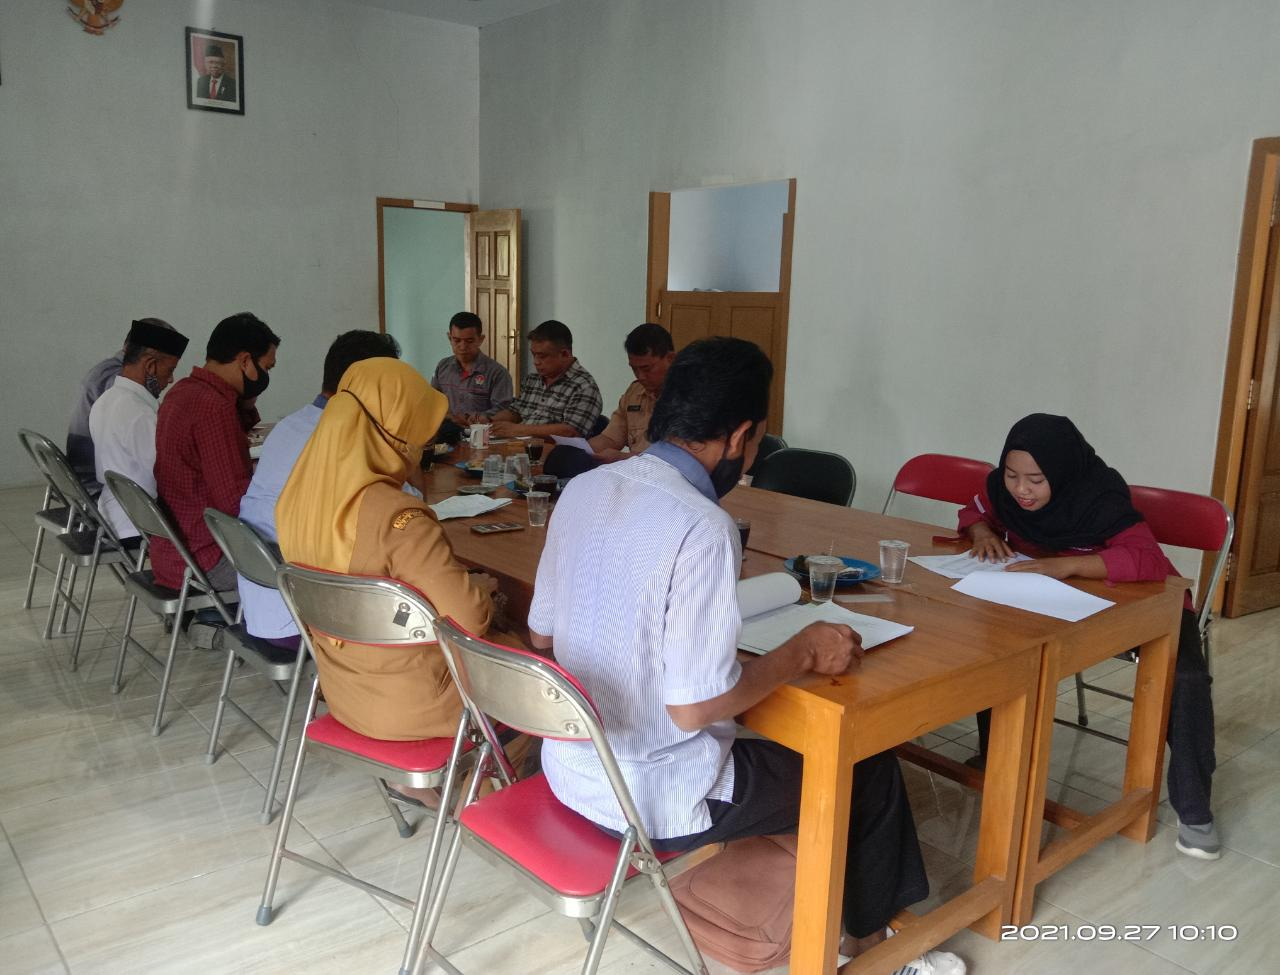 Inilah Alur BKAD Banjarejo dalam Menentukan Besaran Pinjaman 01